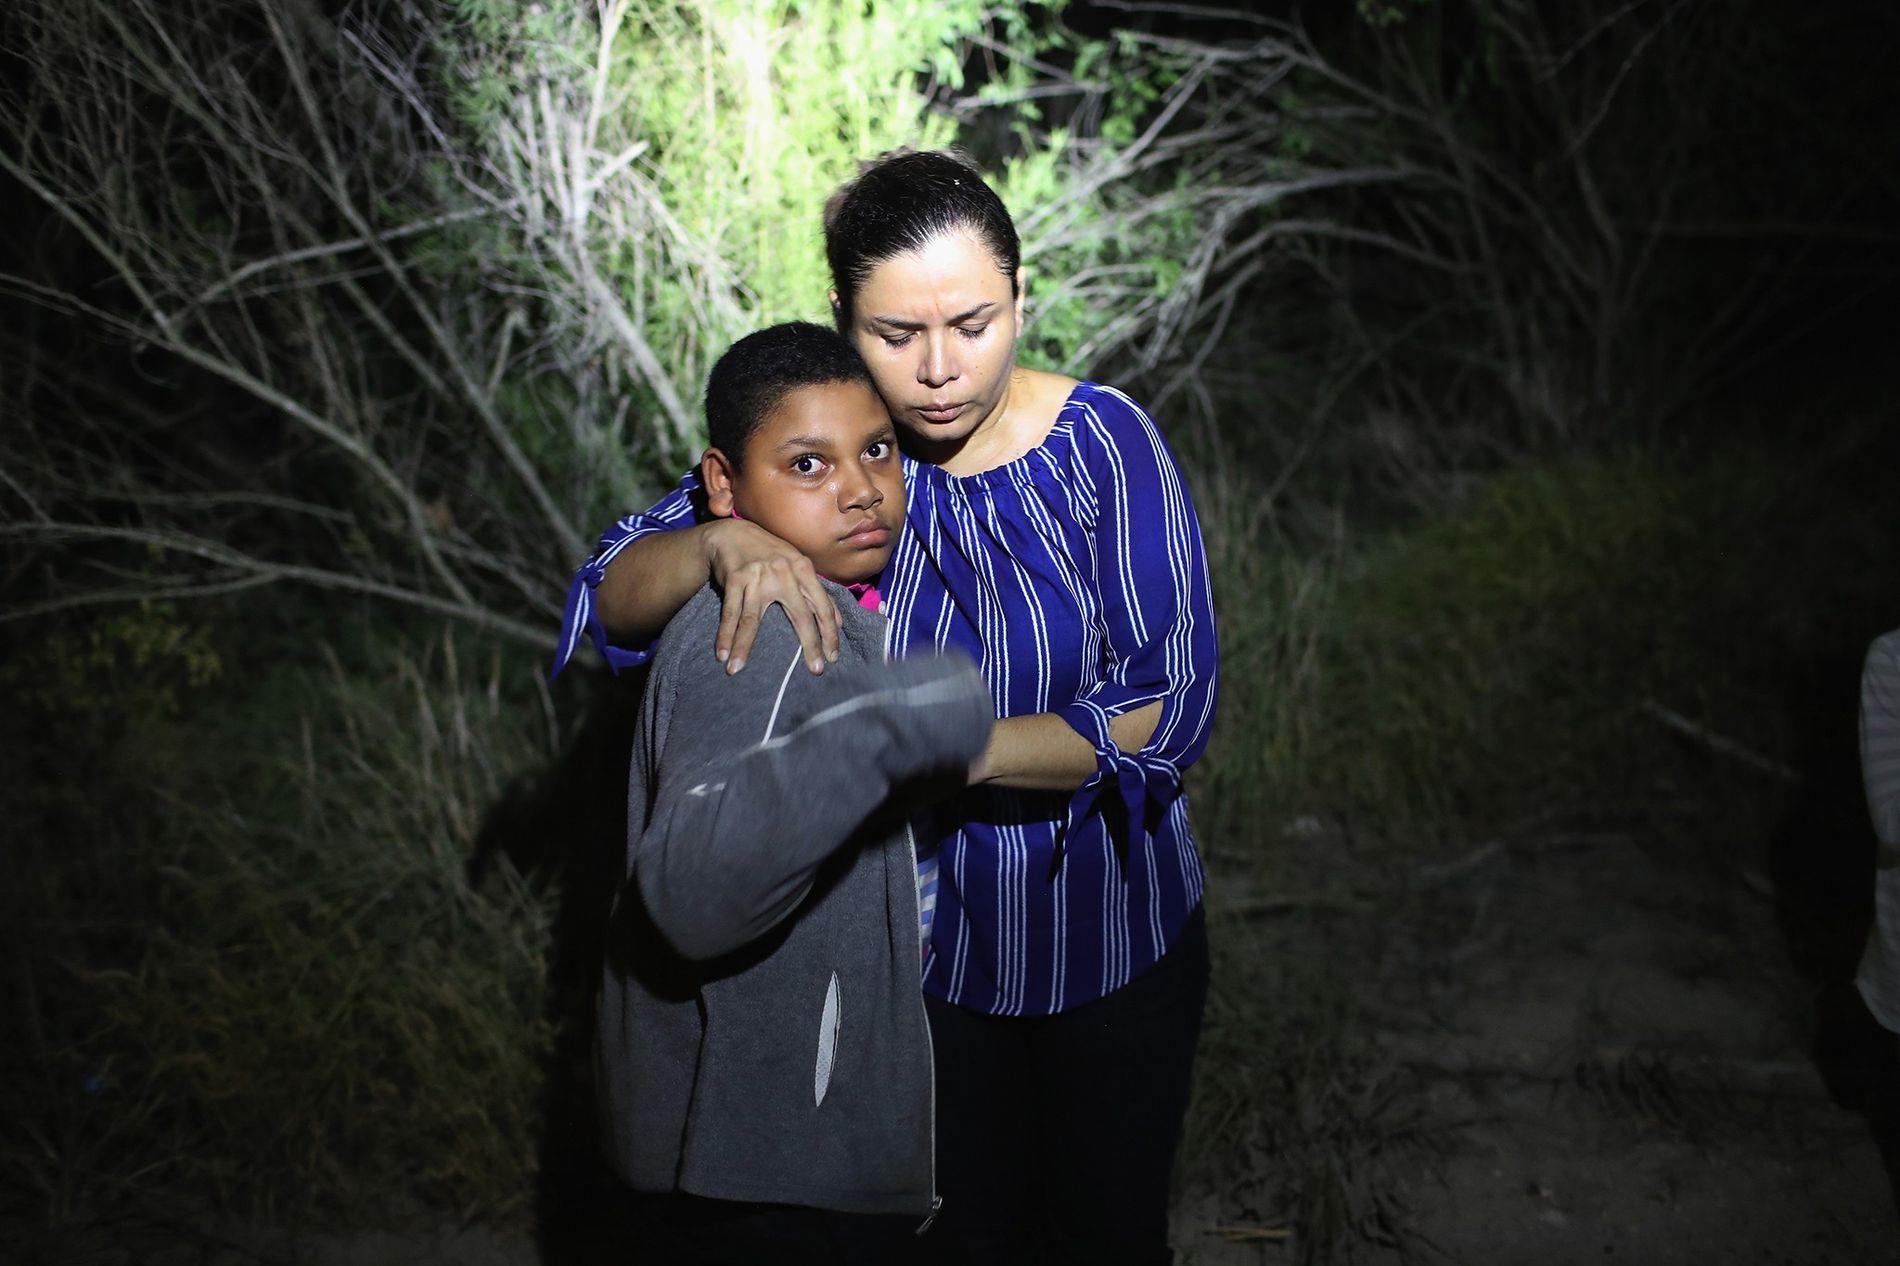 Un foco de la Patrulla Fronteriza de los Estados Unidos ilumina a una madre hondureña y su hijo cerca de la frontera entre México y Estados Unidos el 12 de junio de 2018 en McAllen, Texas.